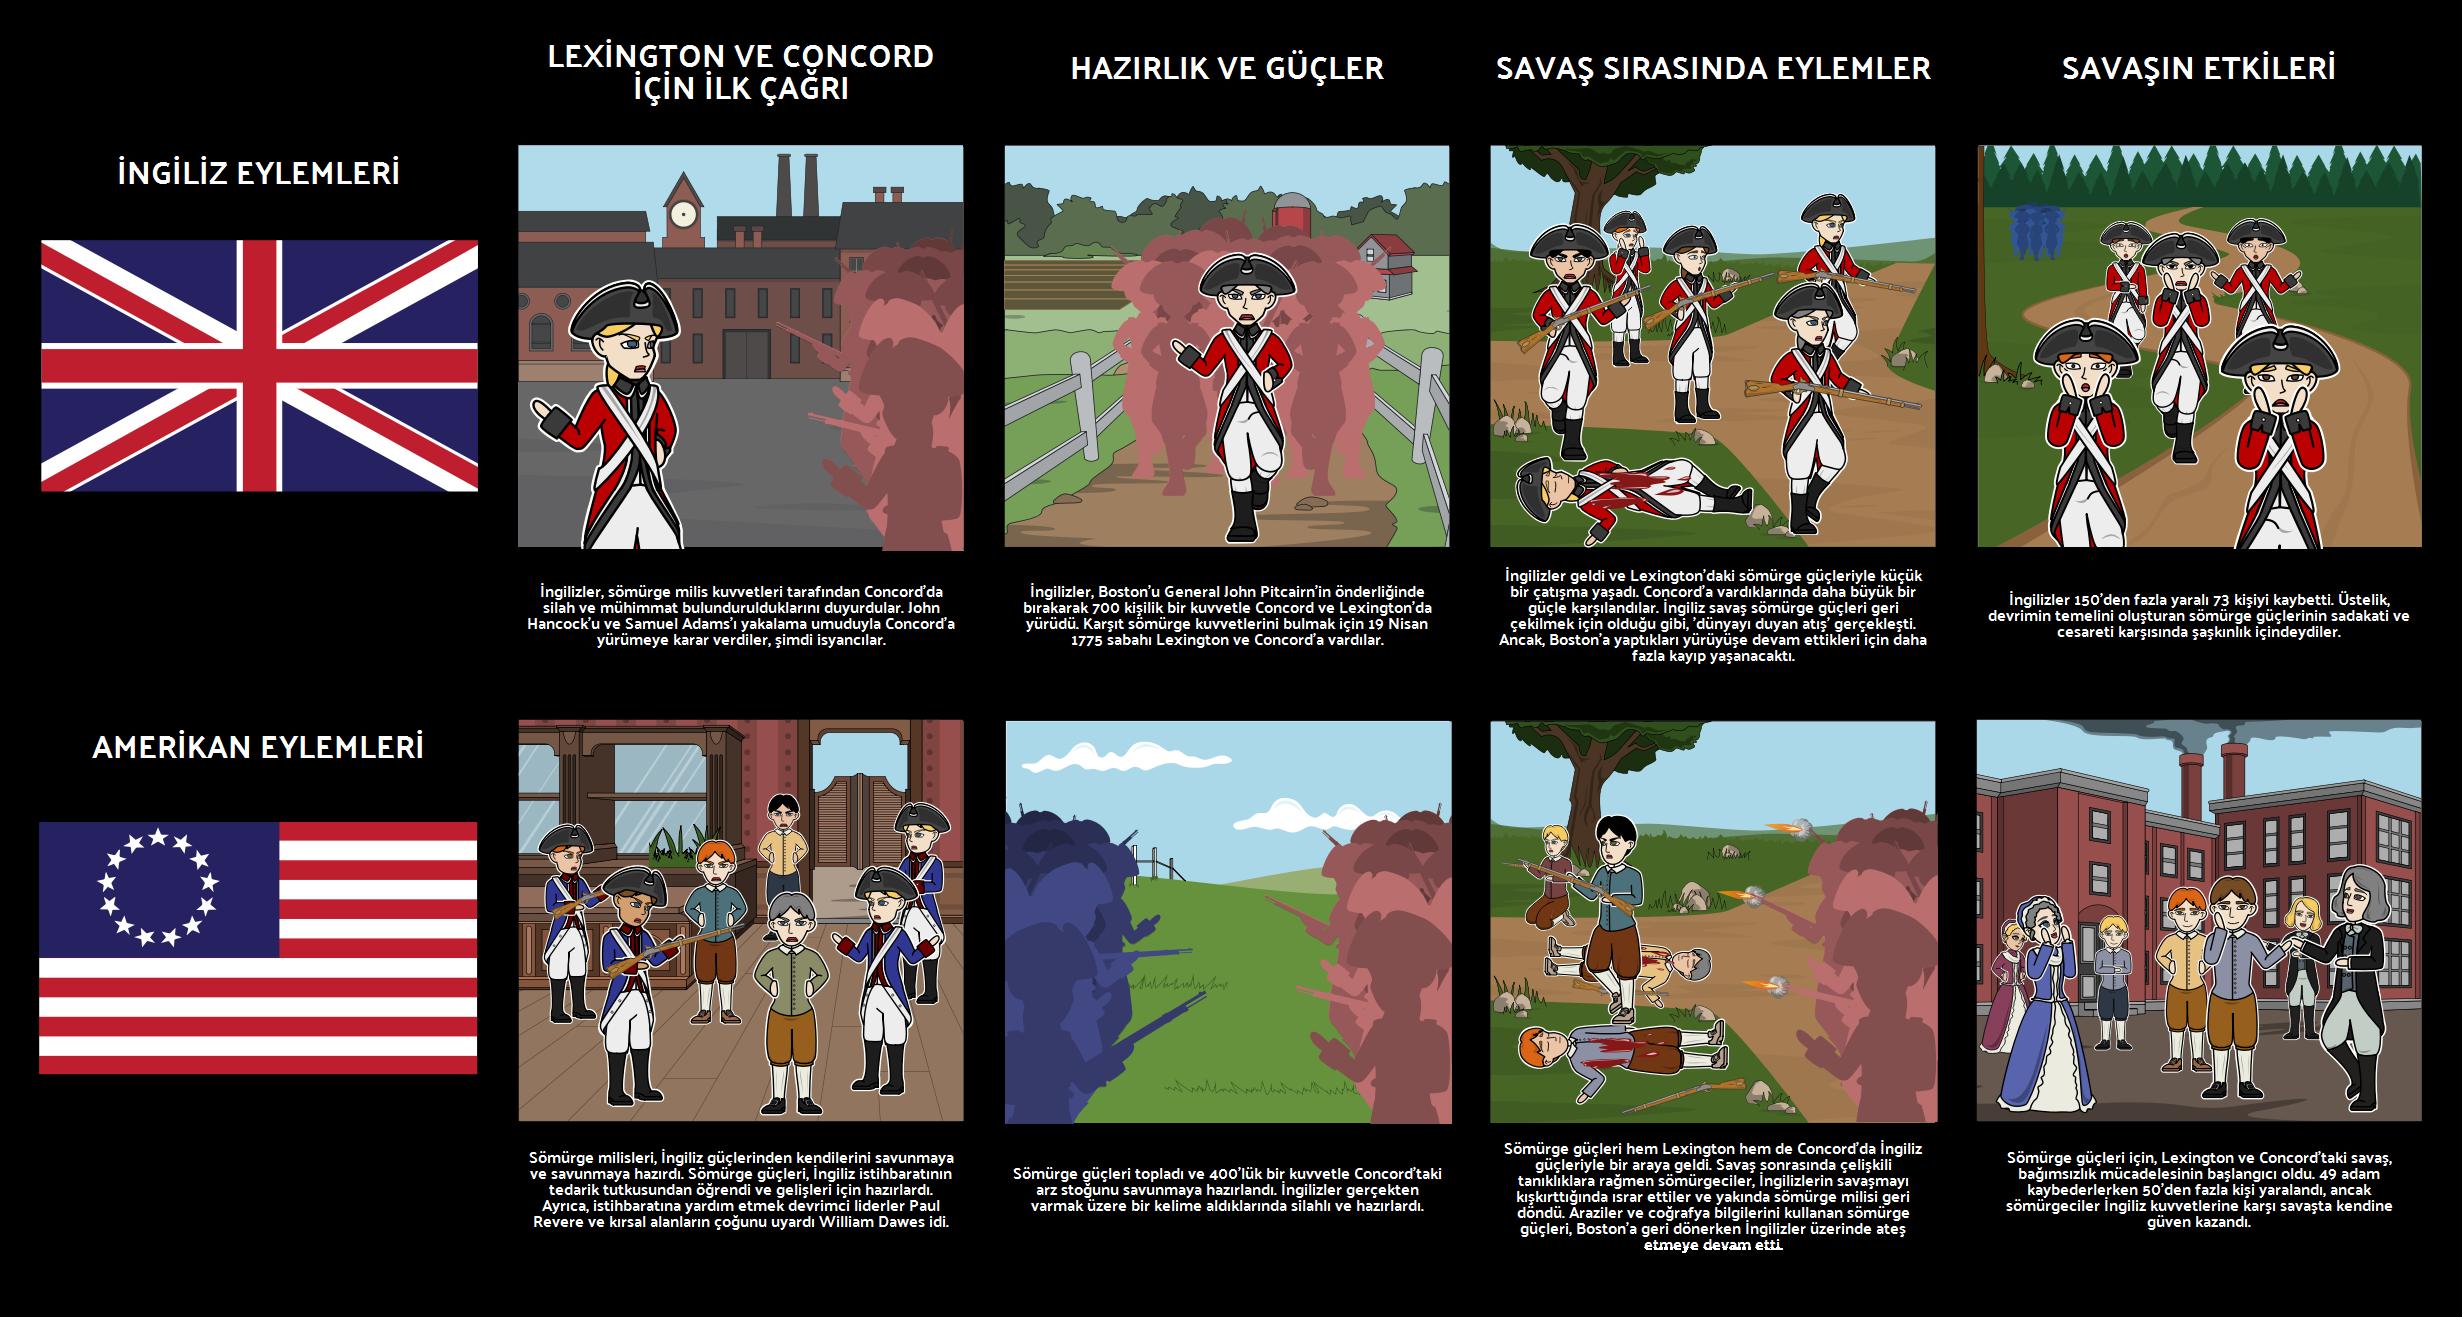 Lexington Savaşı ve Concord